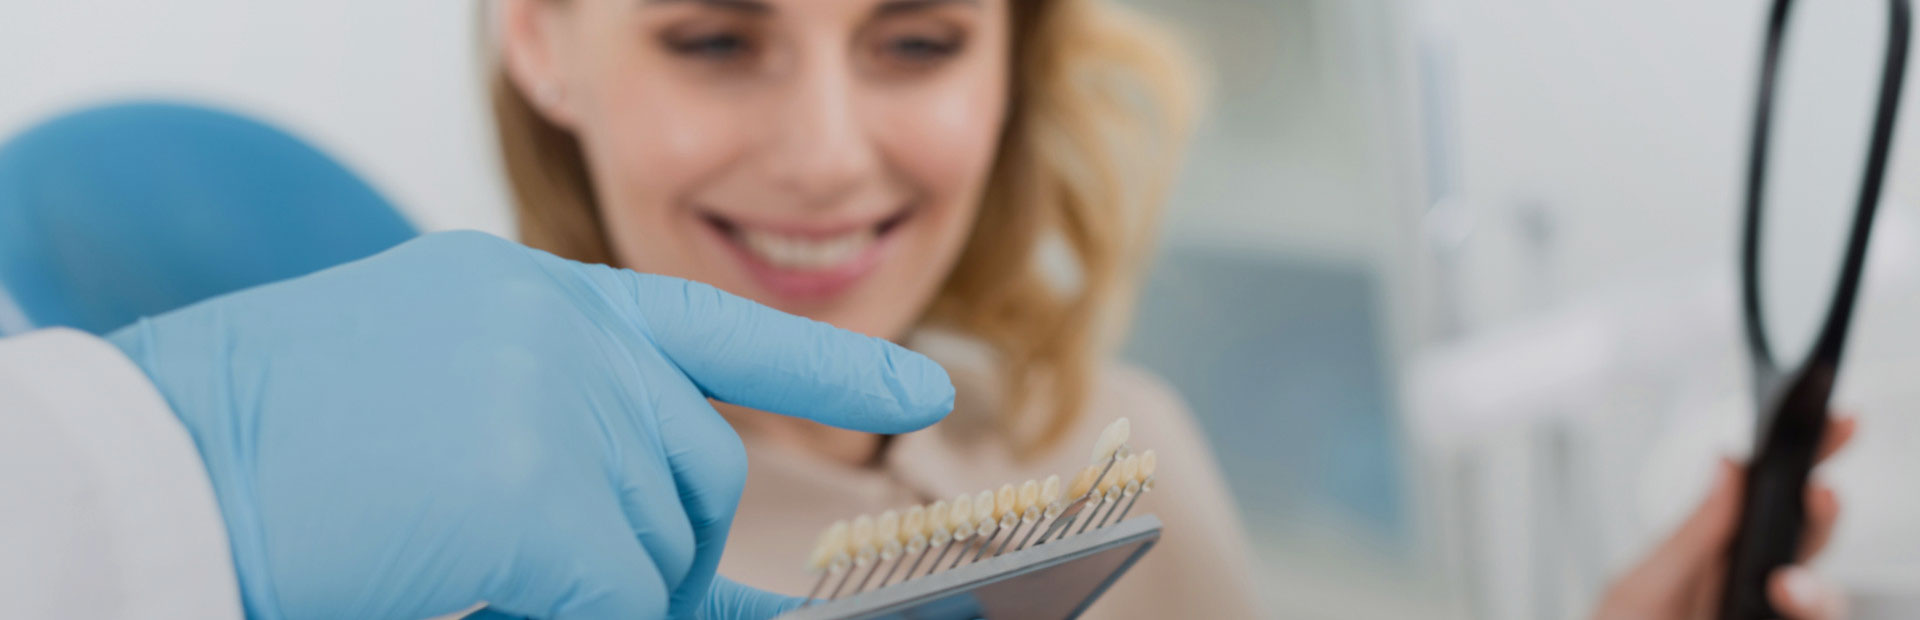 Patient choosing dental veneers